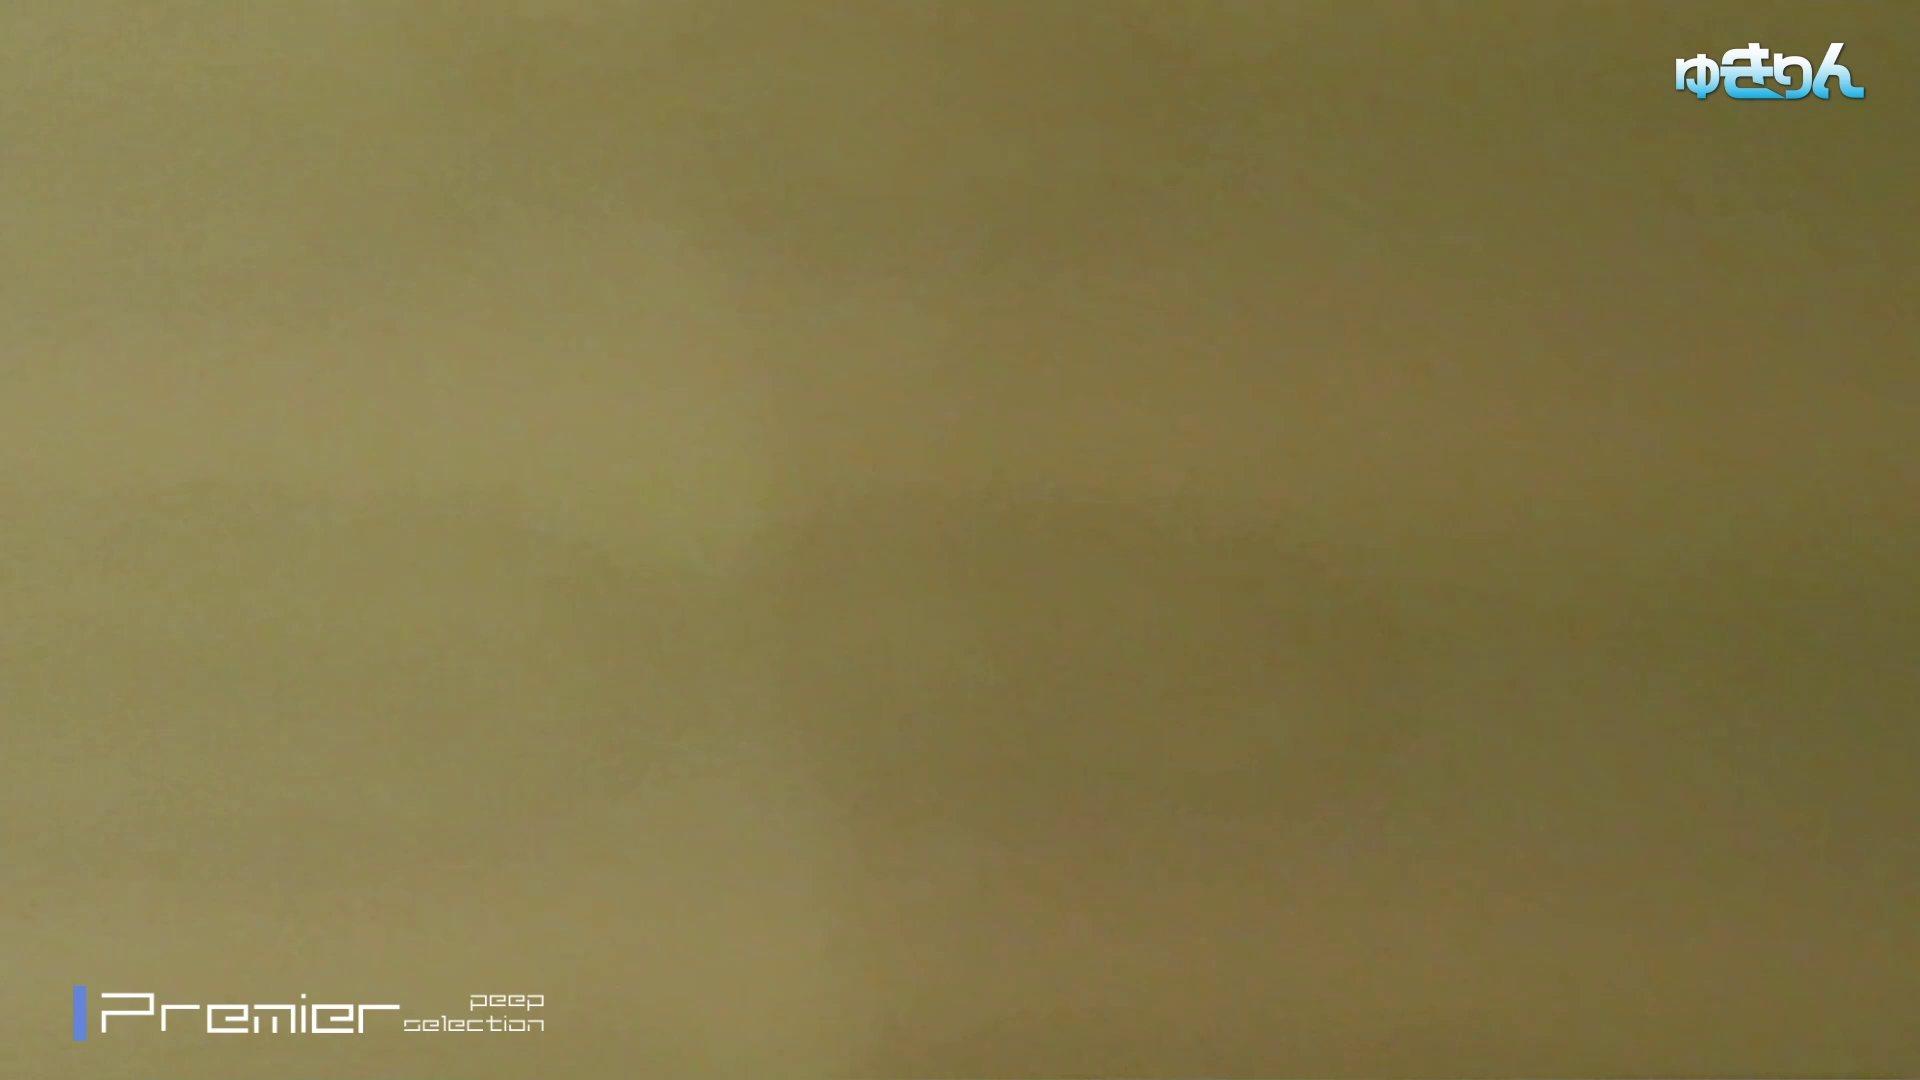 新世界の射窓 No98 キターッ特別に可愛い子の為、外まで粘着追い撮り!! 洗面所 | 0  51pic 3